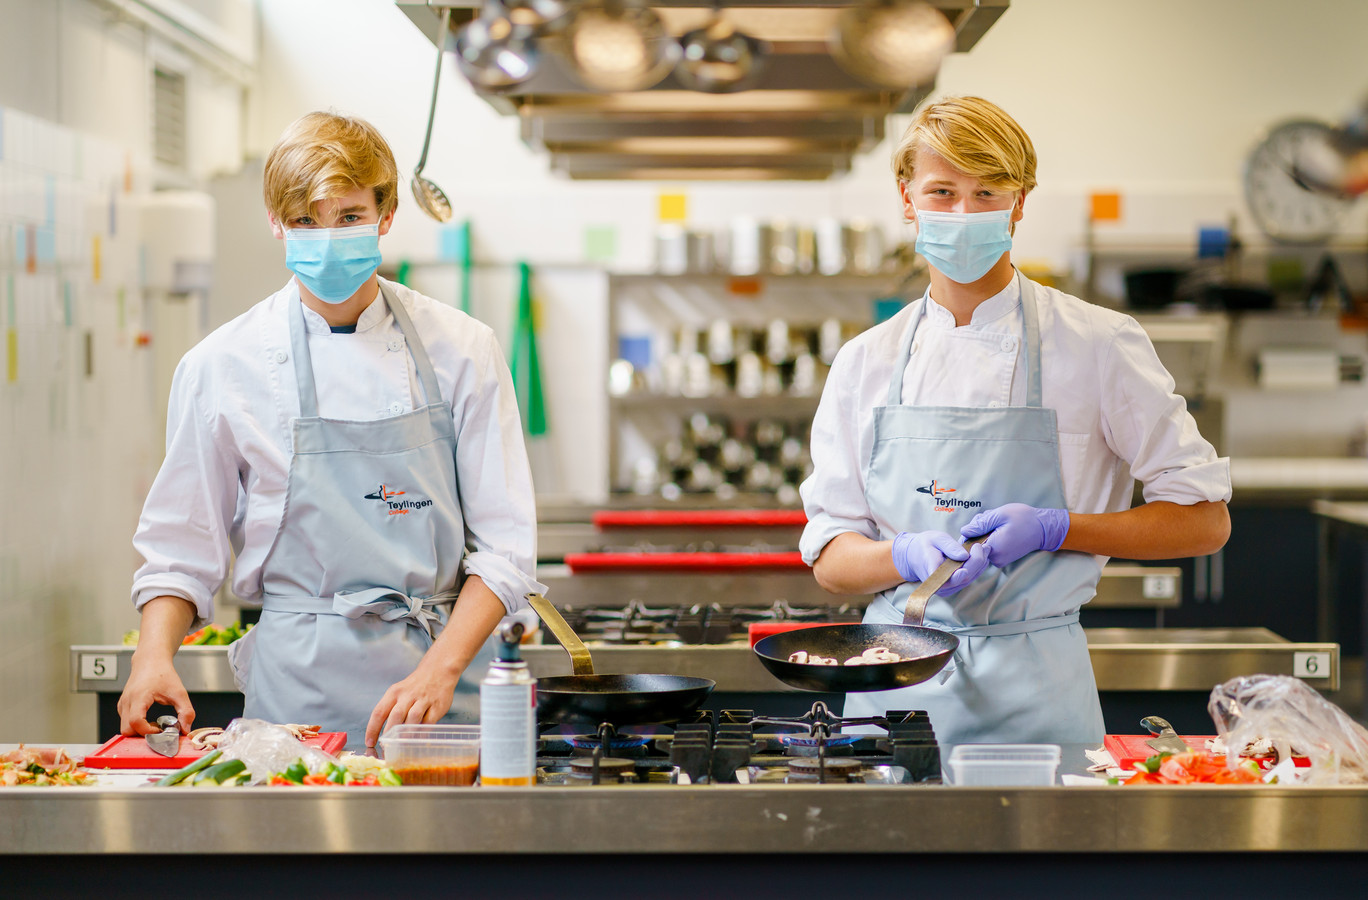 Sven Beekman (l) en Michiel Gravesteijn volgen het keuzevak traiteur en leren professionele maaltijden bereiden. Tijdens de lessen is een mondkapje verplicht.